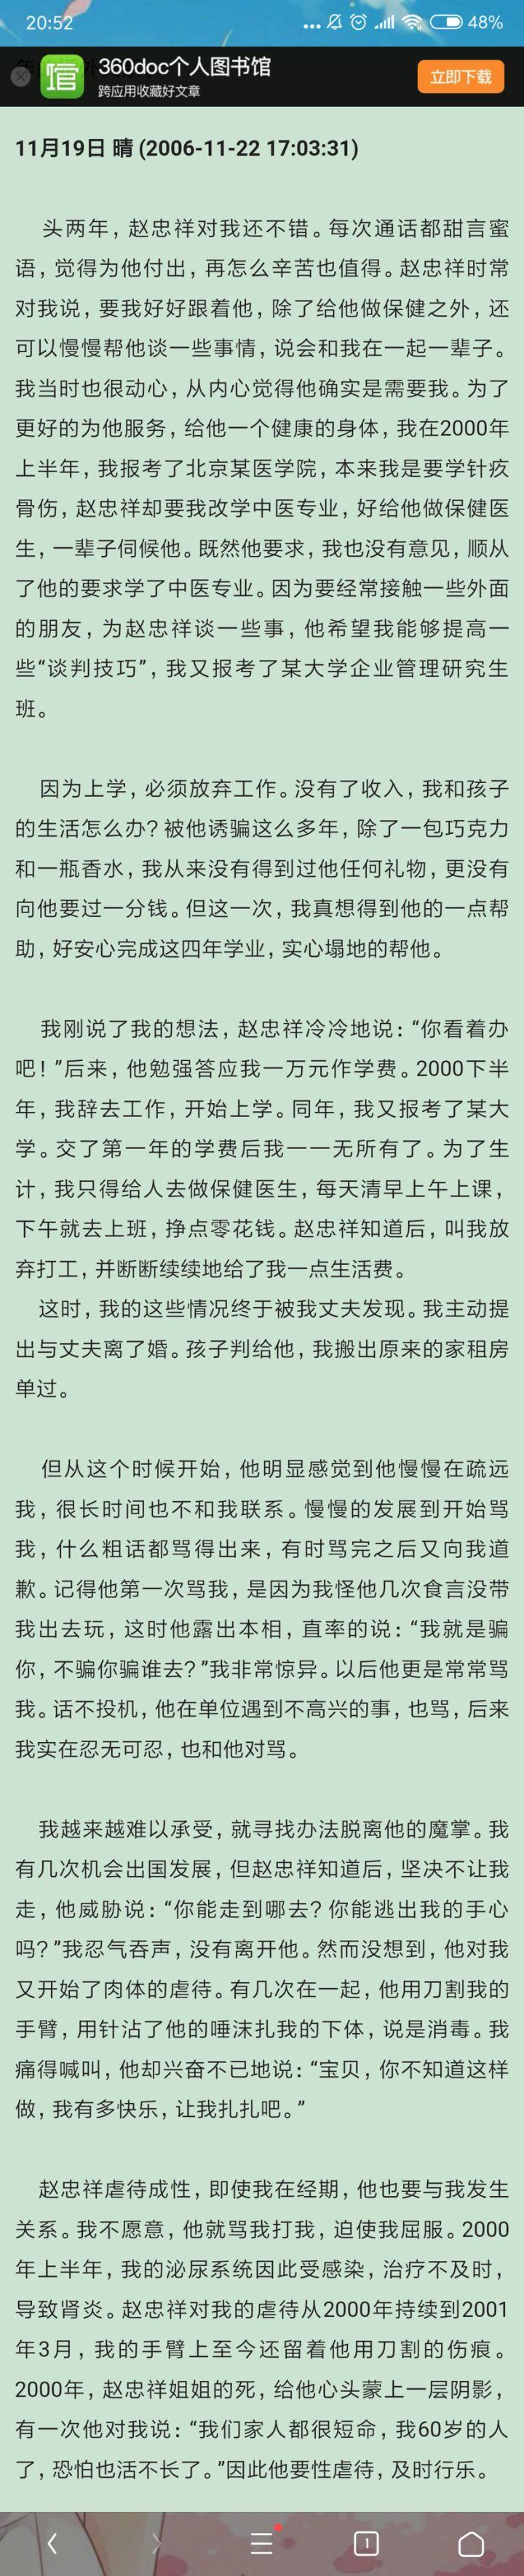 赵忠祥去世,生前曾陷录音门事件:出轨7年且性虐待女方饶颖